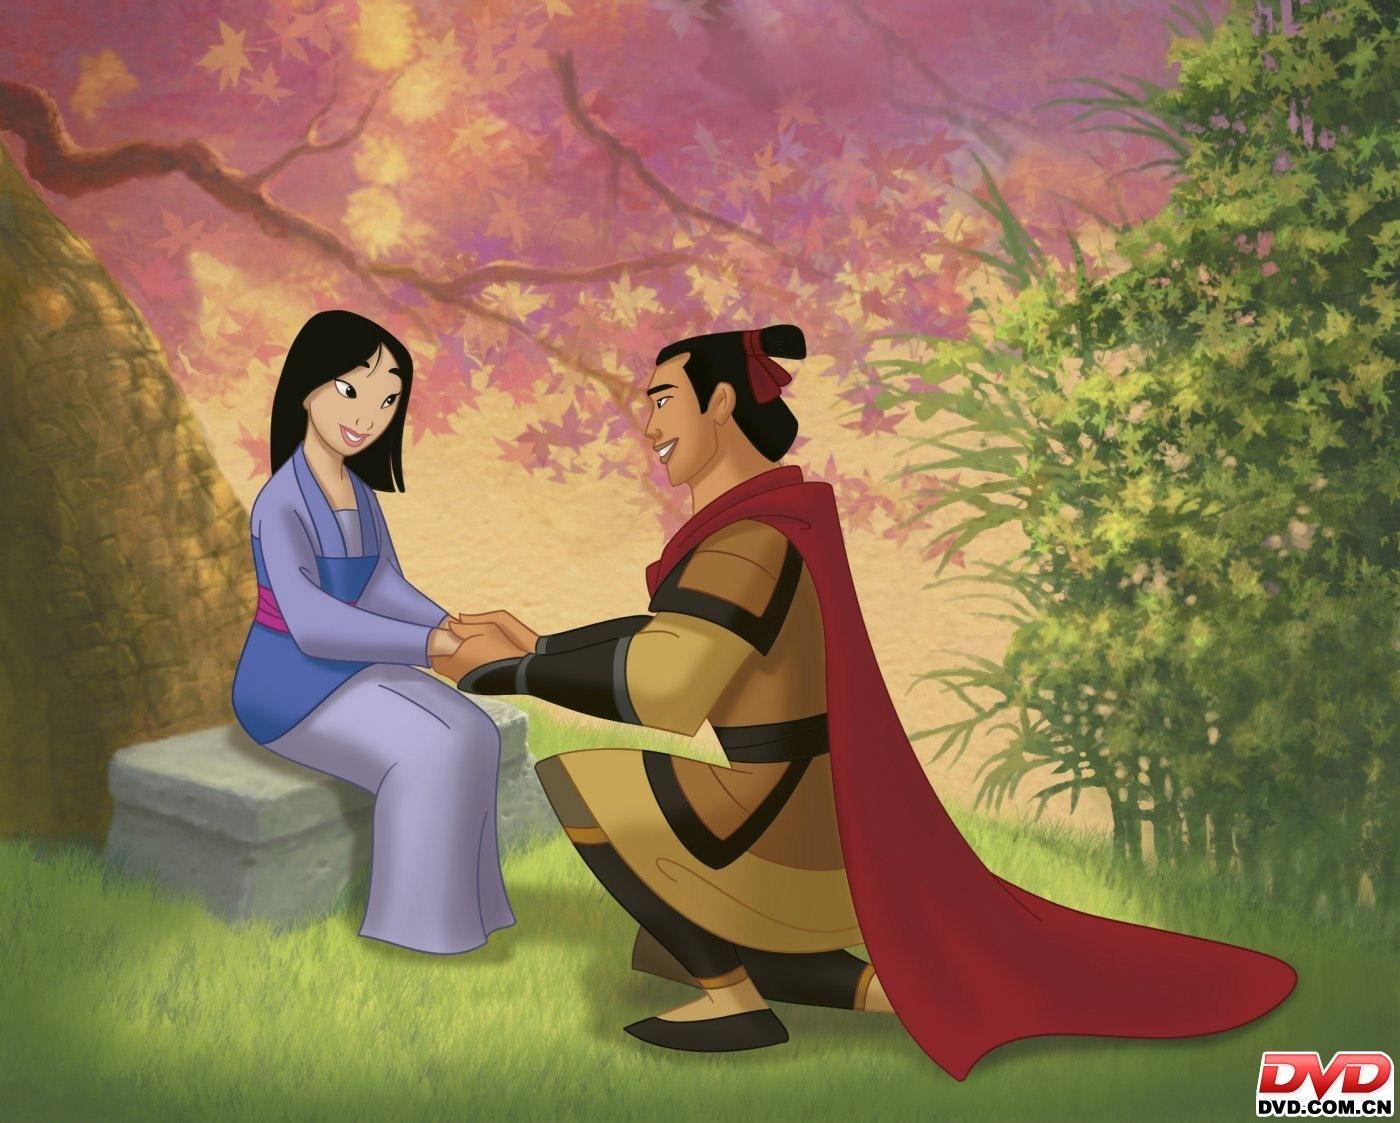 *MULAN & LI SHANG Mulan II, 2004 Disney princes